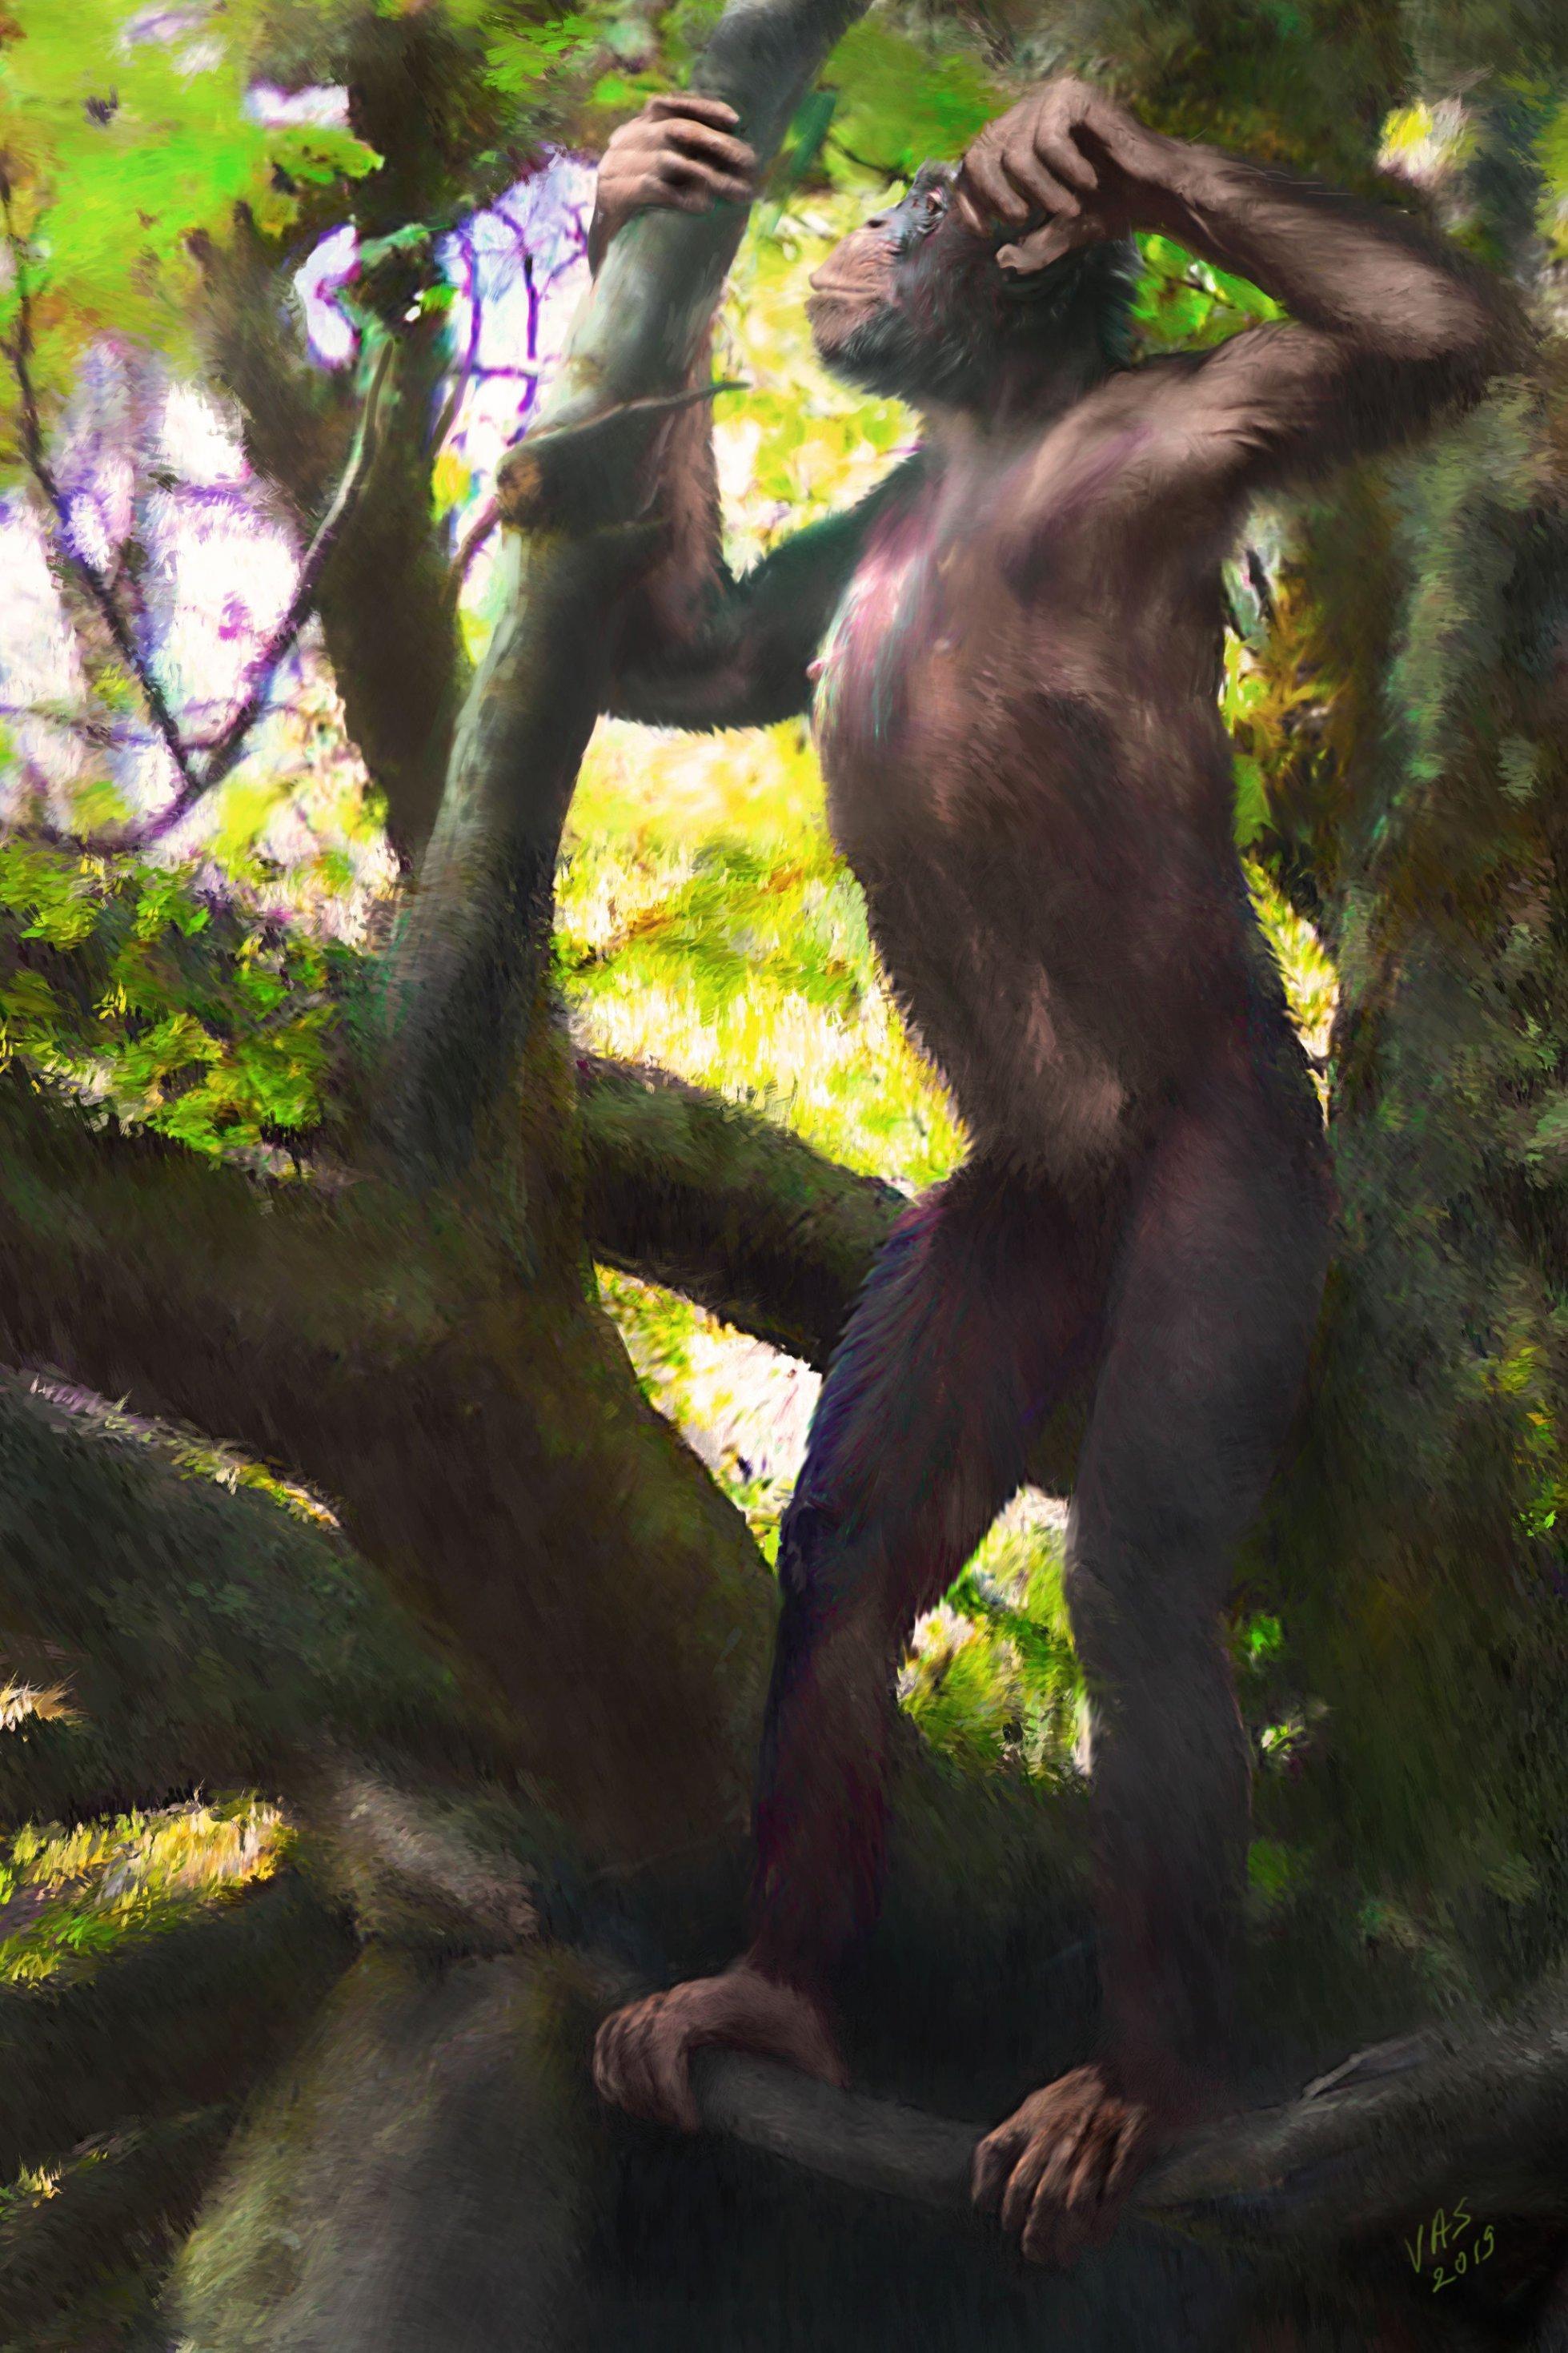 """Das Bild zeigt den Menschenaffen """"Udo"""" als künstlerische Darstellung. Udo lebte vor zwölf Millionen Jahren in Europa und konnte sich aufrecht auf zwei Beinen fortbewegen. Sein lateinischer Name lautet Danuvius guggenmosi."""